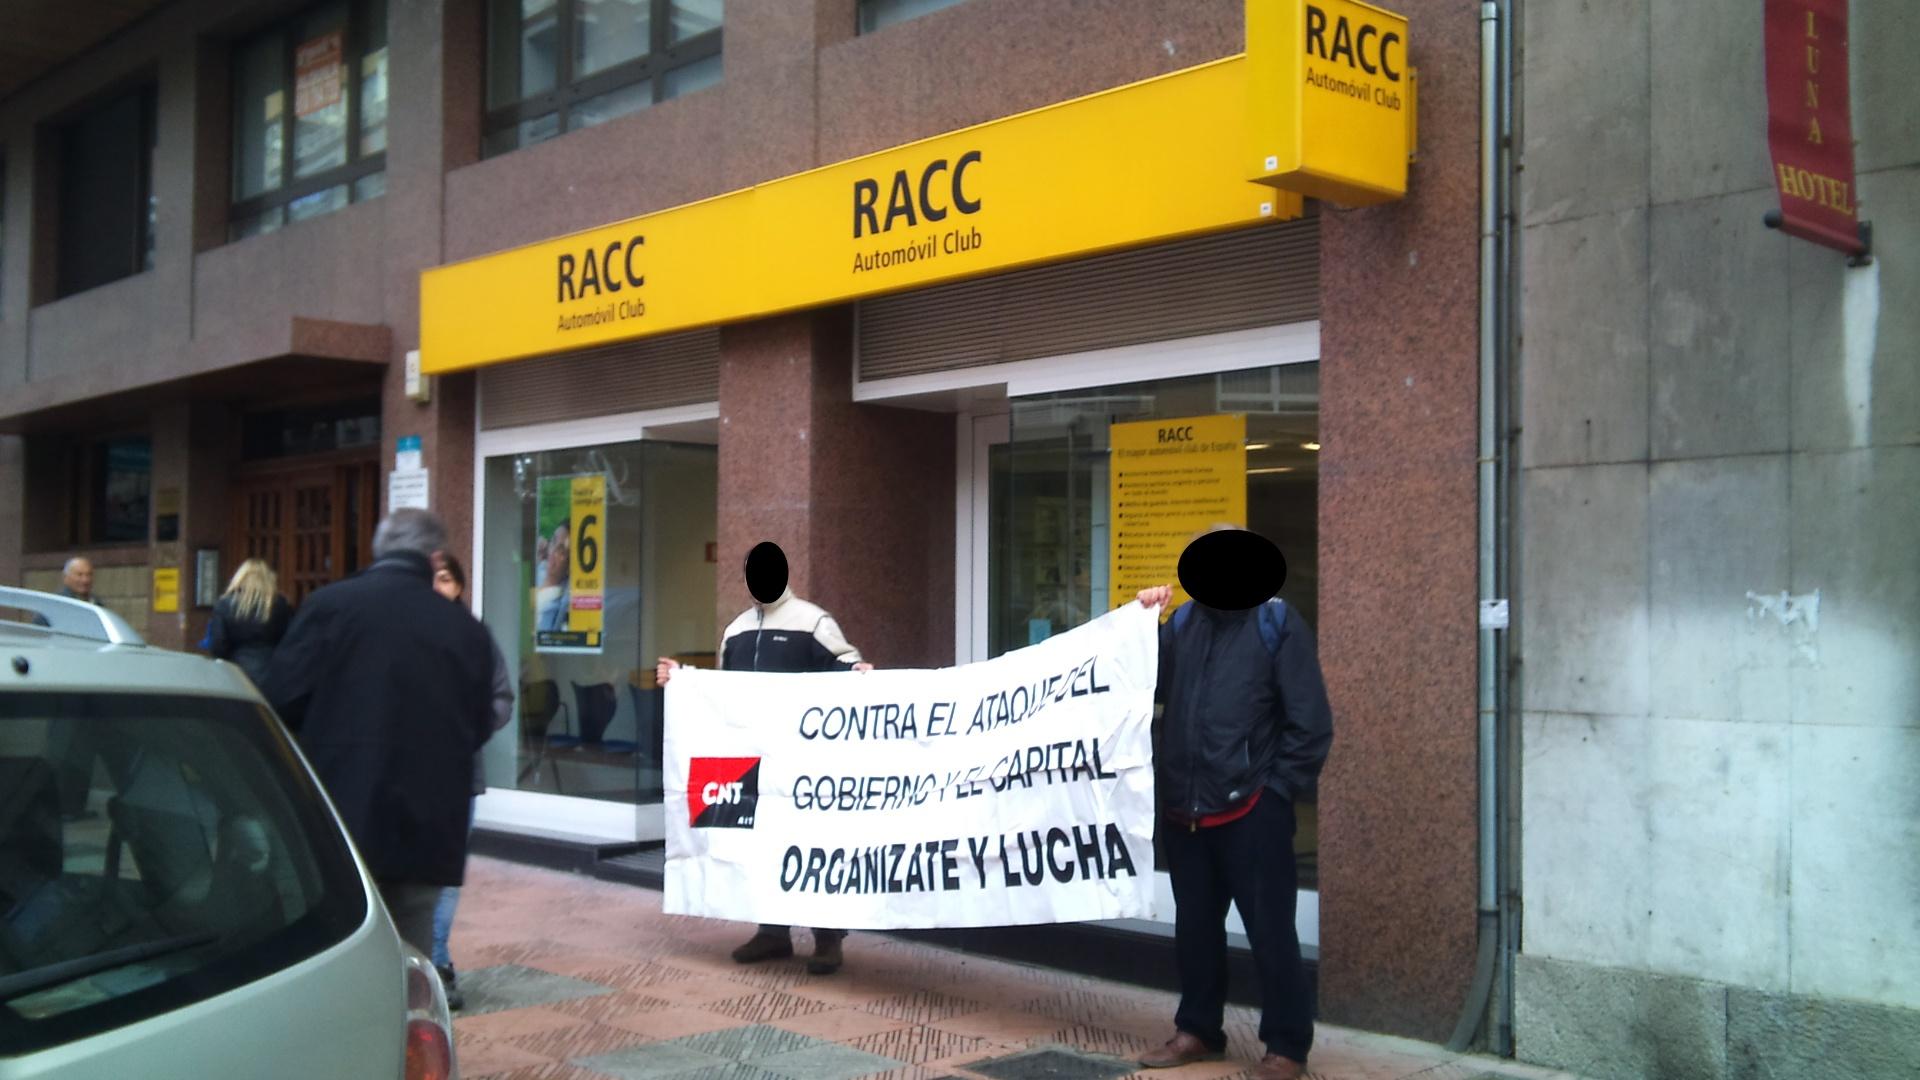 concentración RACC,La mañana del 13 de febrero CNT León se ha concentrado frente a la sede del RACC de León.  El grupo RACC ha presentado un ERE que afectará a 194 trabajadores y trabajadoras de la plantilla, entre ellas las trabajadoras de la delegación de León.  Desde la Sección Sincial de CNT en ACASERVI se ha iniciado una campaña de denuncia contra el atropello de derechos de esta empresa.  Más información:  Sección Sindical CNT-AIT en ACASERVI.  CNT Barcelona.